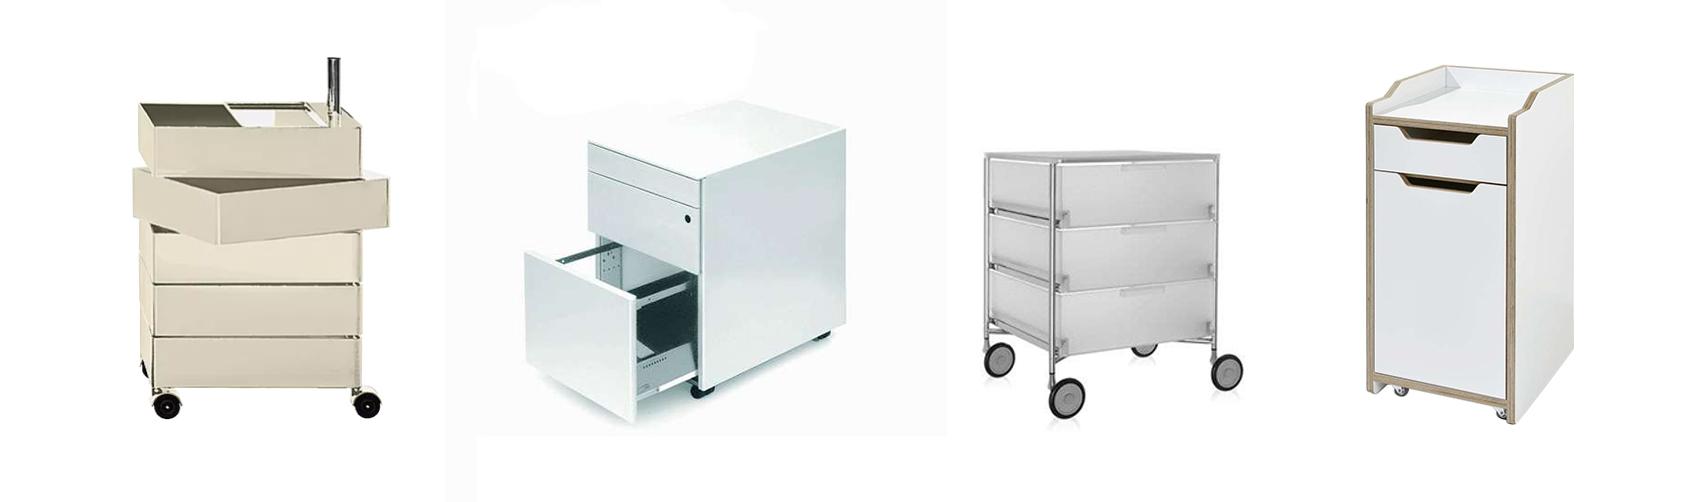 Magis 360° Container, Lapalma Cassettiera Rollcontainer, Kartell Mobil Aufbwahrungssystem und Müller Möbelwerkstätten Plane Rollcontainer